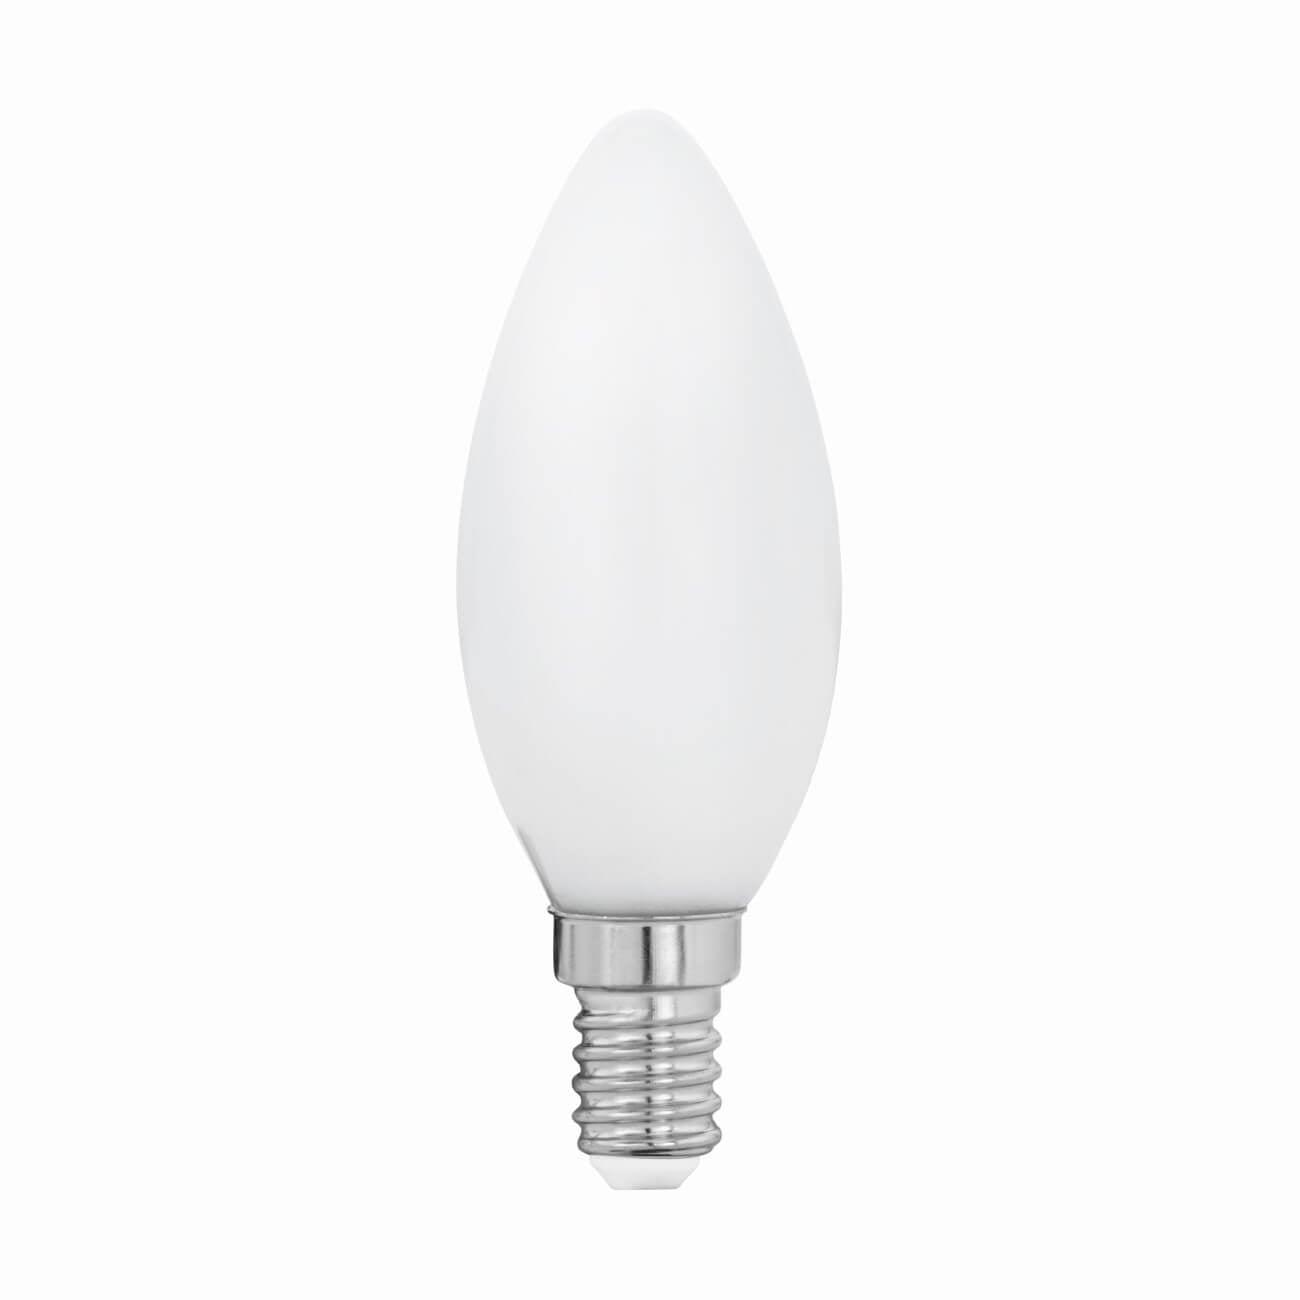 LED žiarovka E14/4W 2700K EGLO 11602